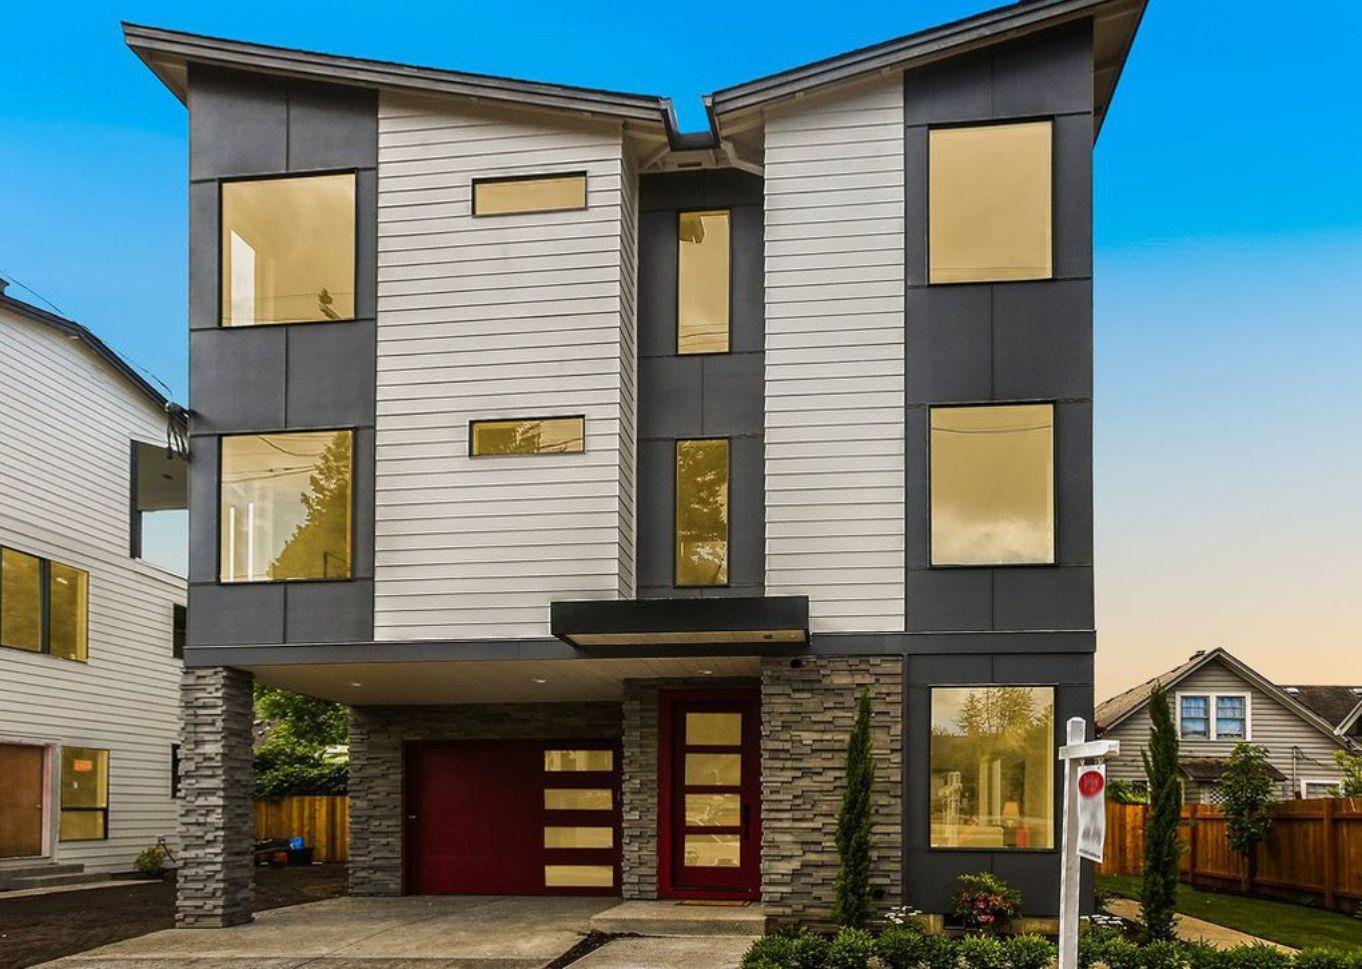 Blandena House Plan Modern Home Plan 3 Story 4 Bedroom Floor Plan